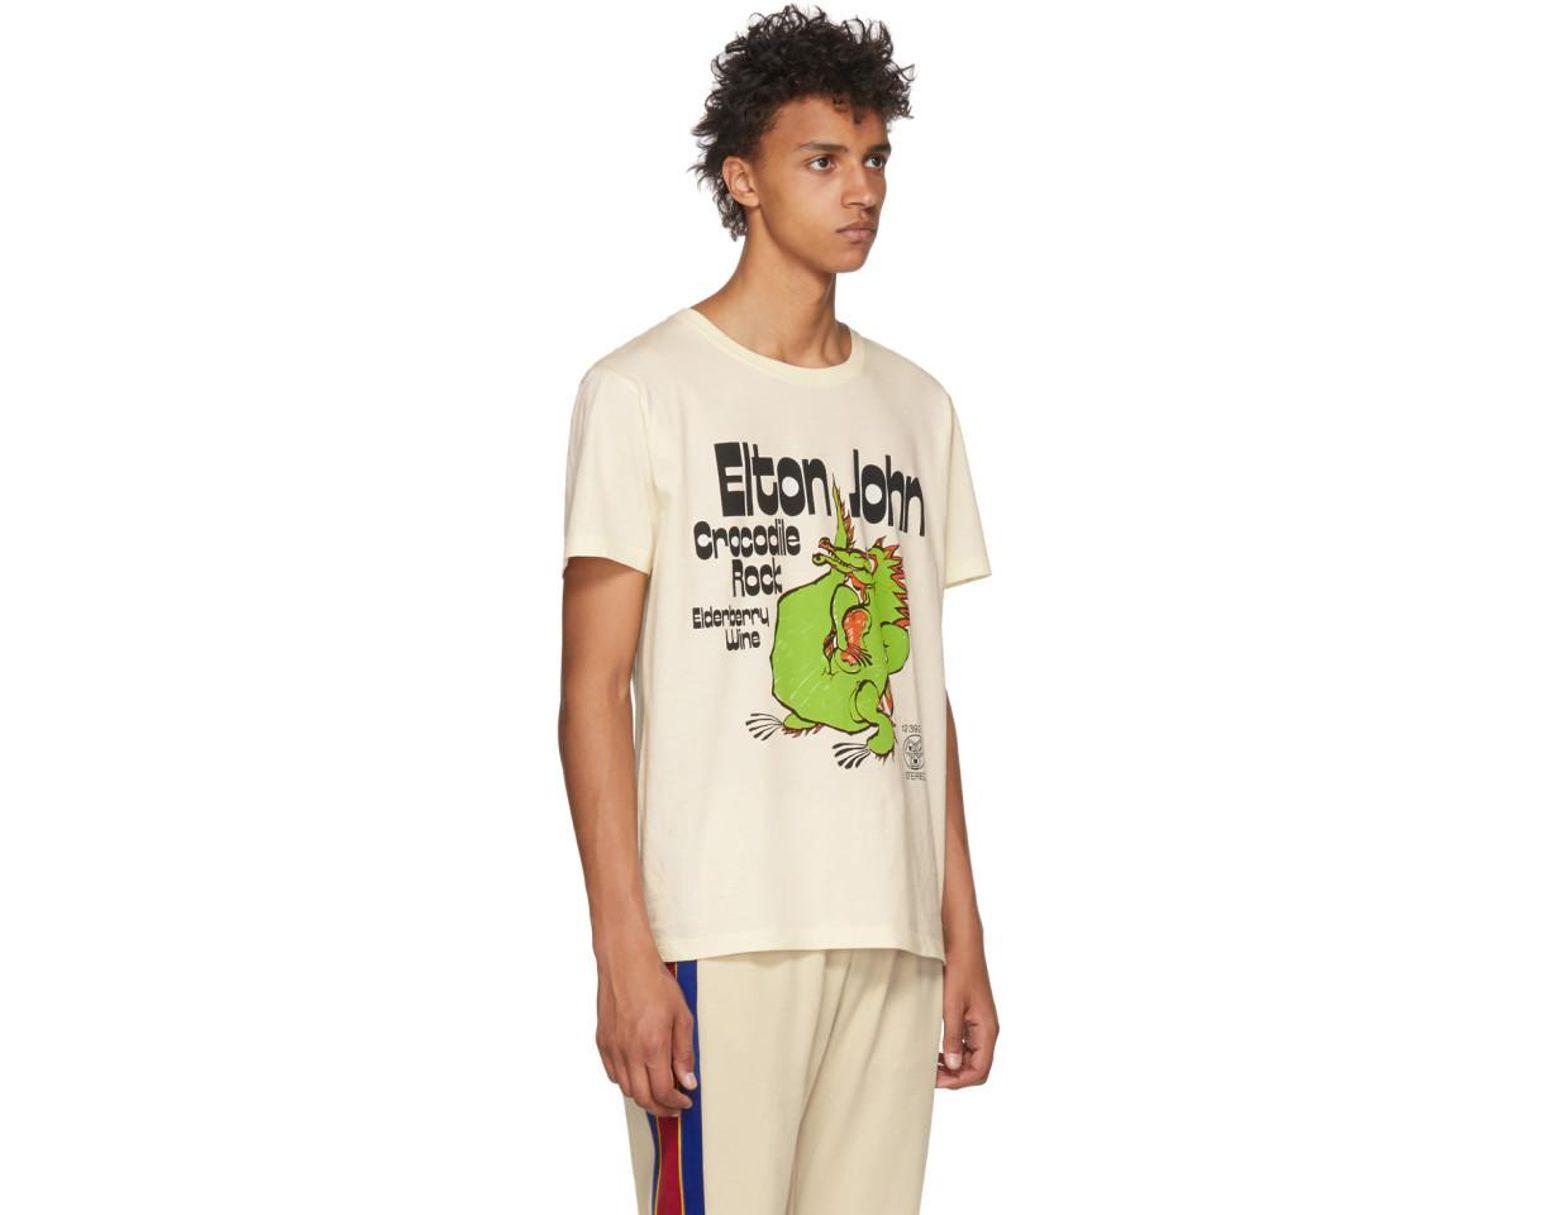 d5bcd8f5d67d Gucci Off-white Elton John Crocodile Rock T-shirt for Men - Lyst